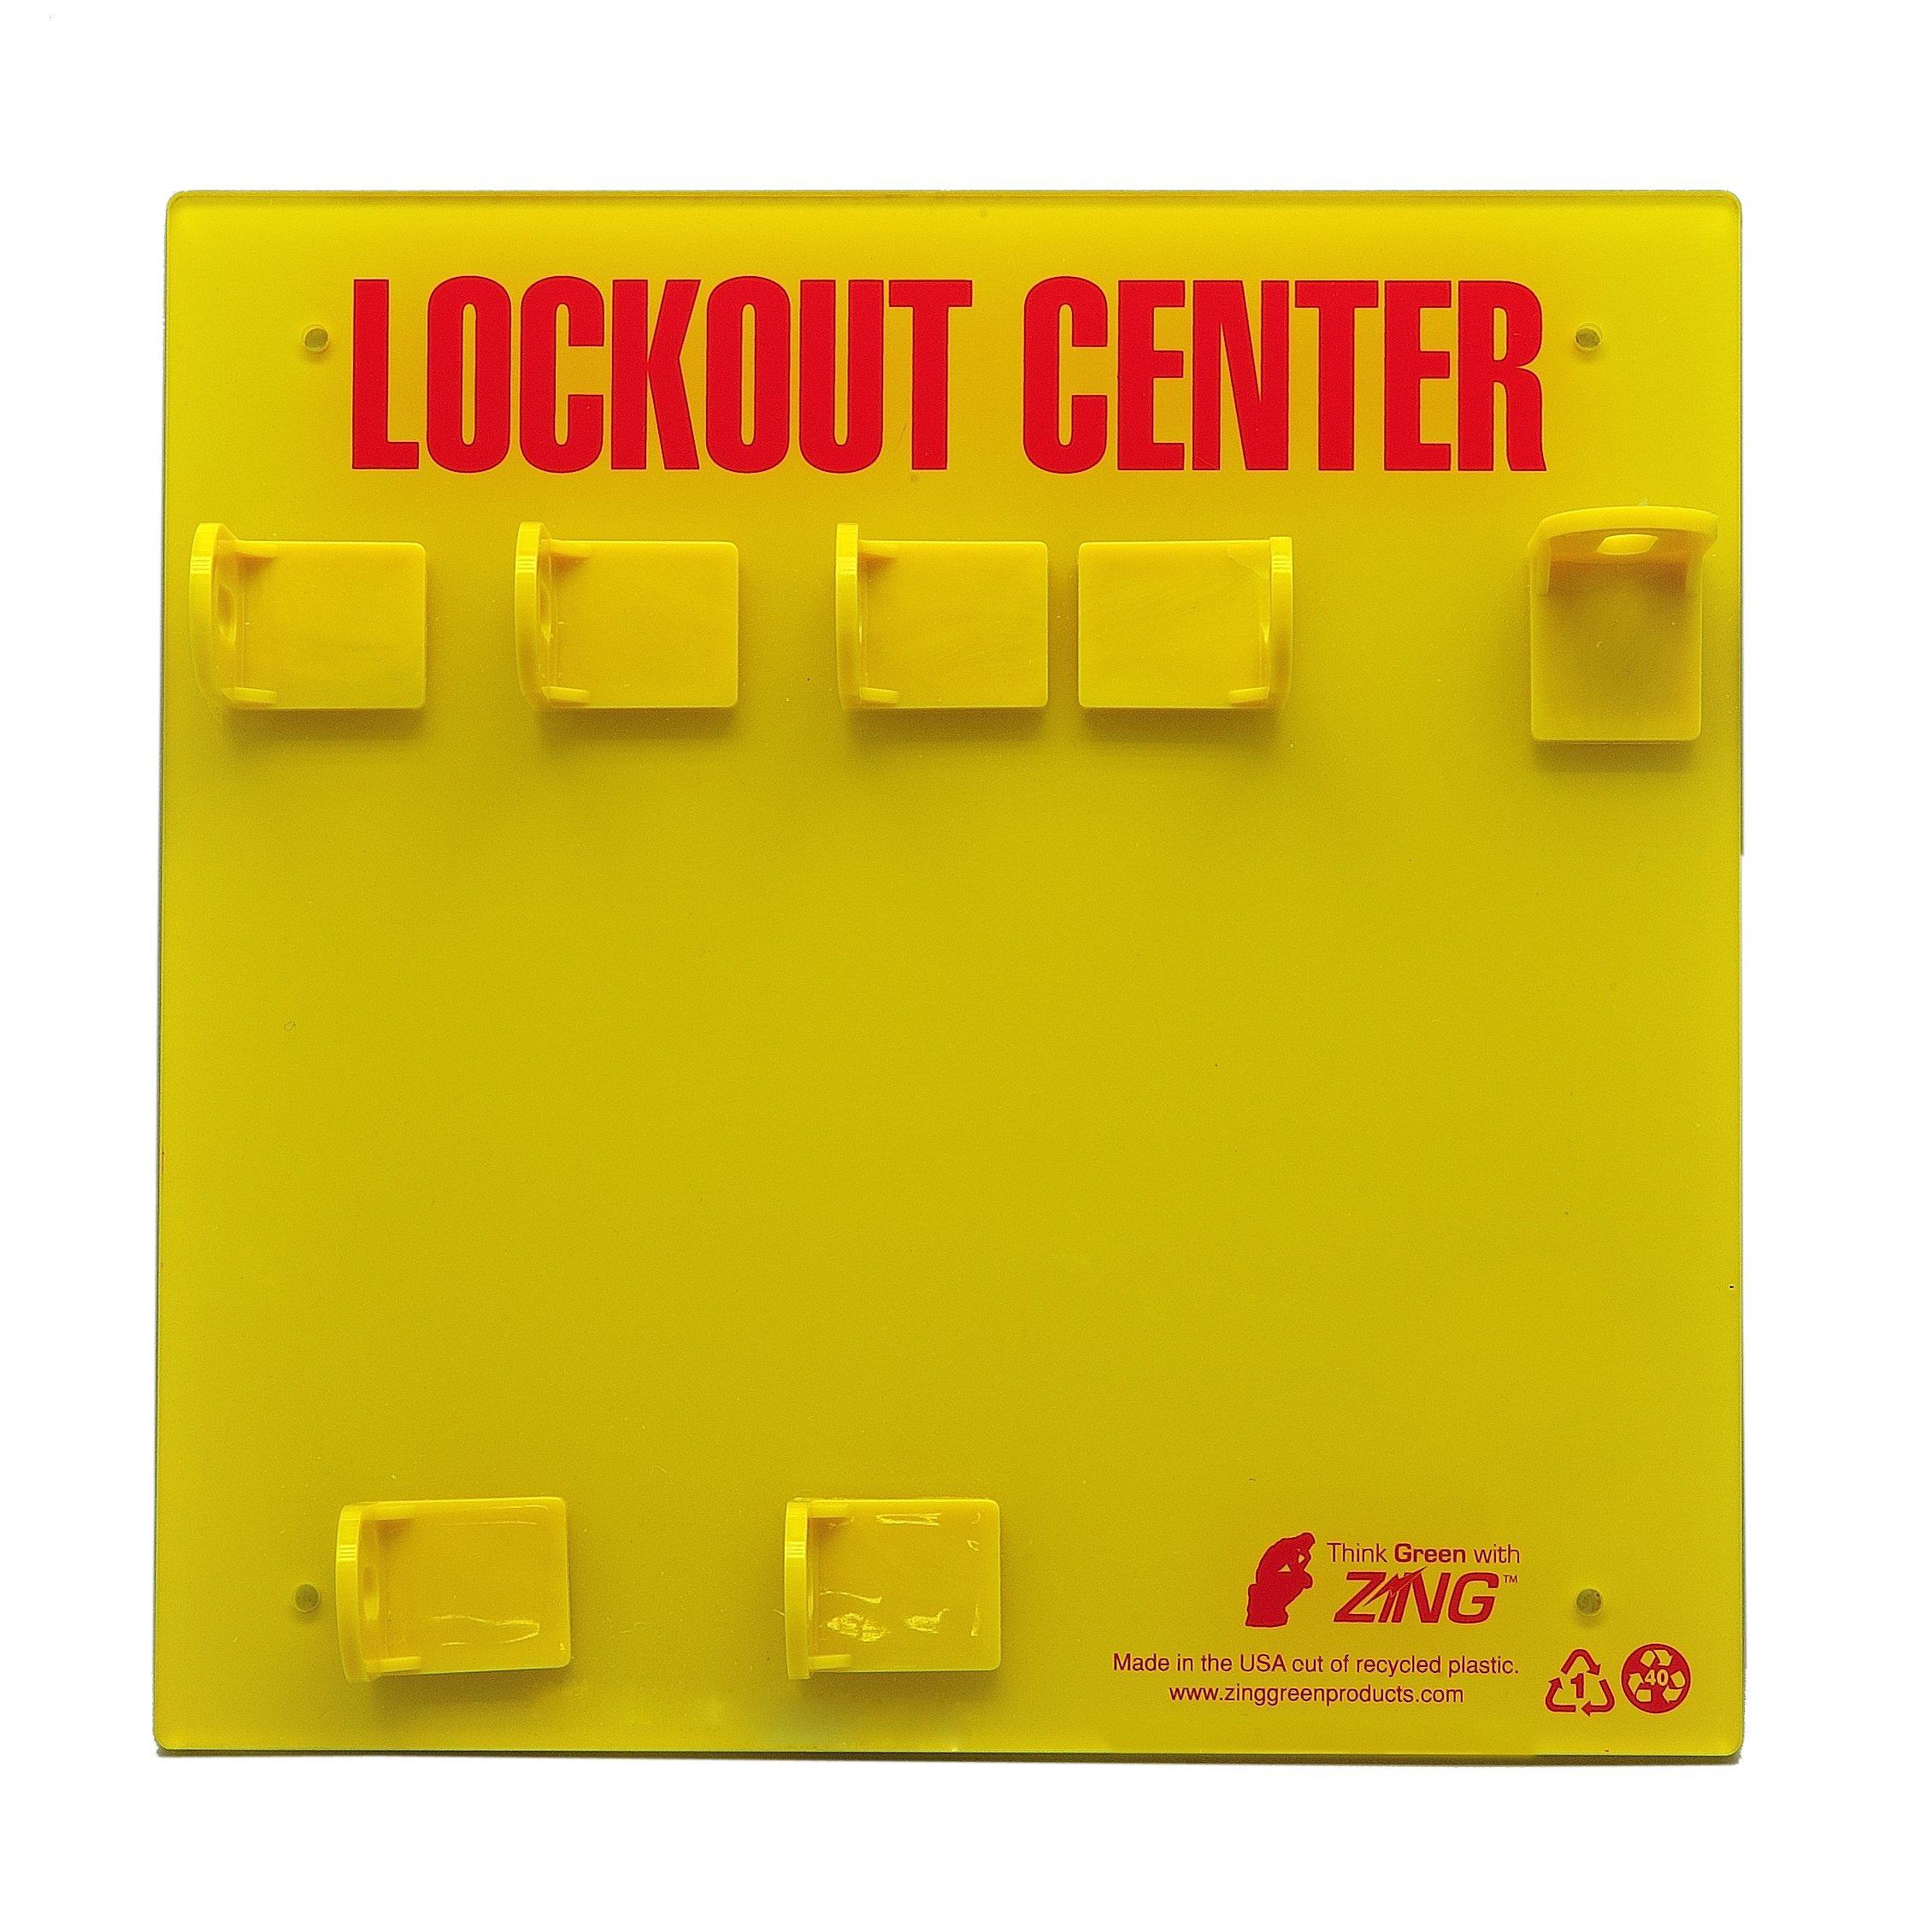 ZING 7113E RecycLockout Lockout Station, 3 Padlock, Unstocked